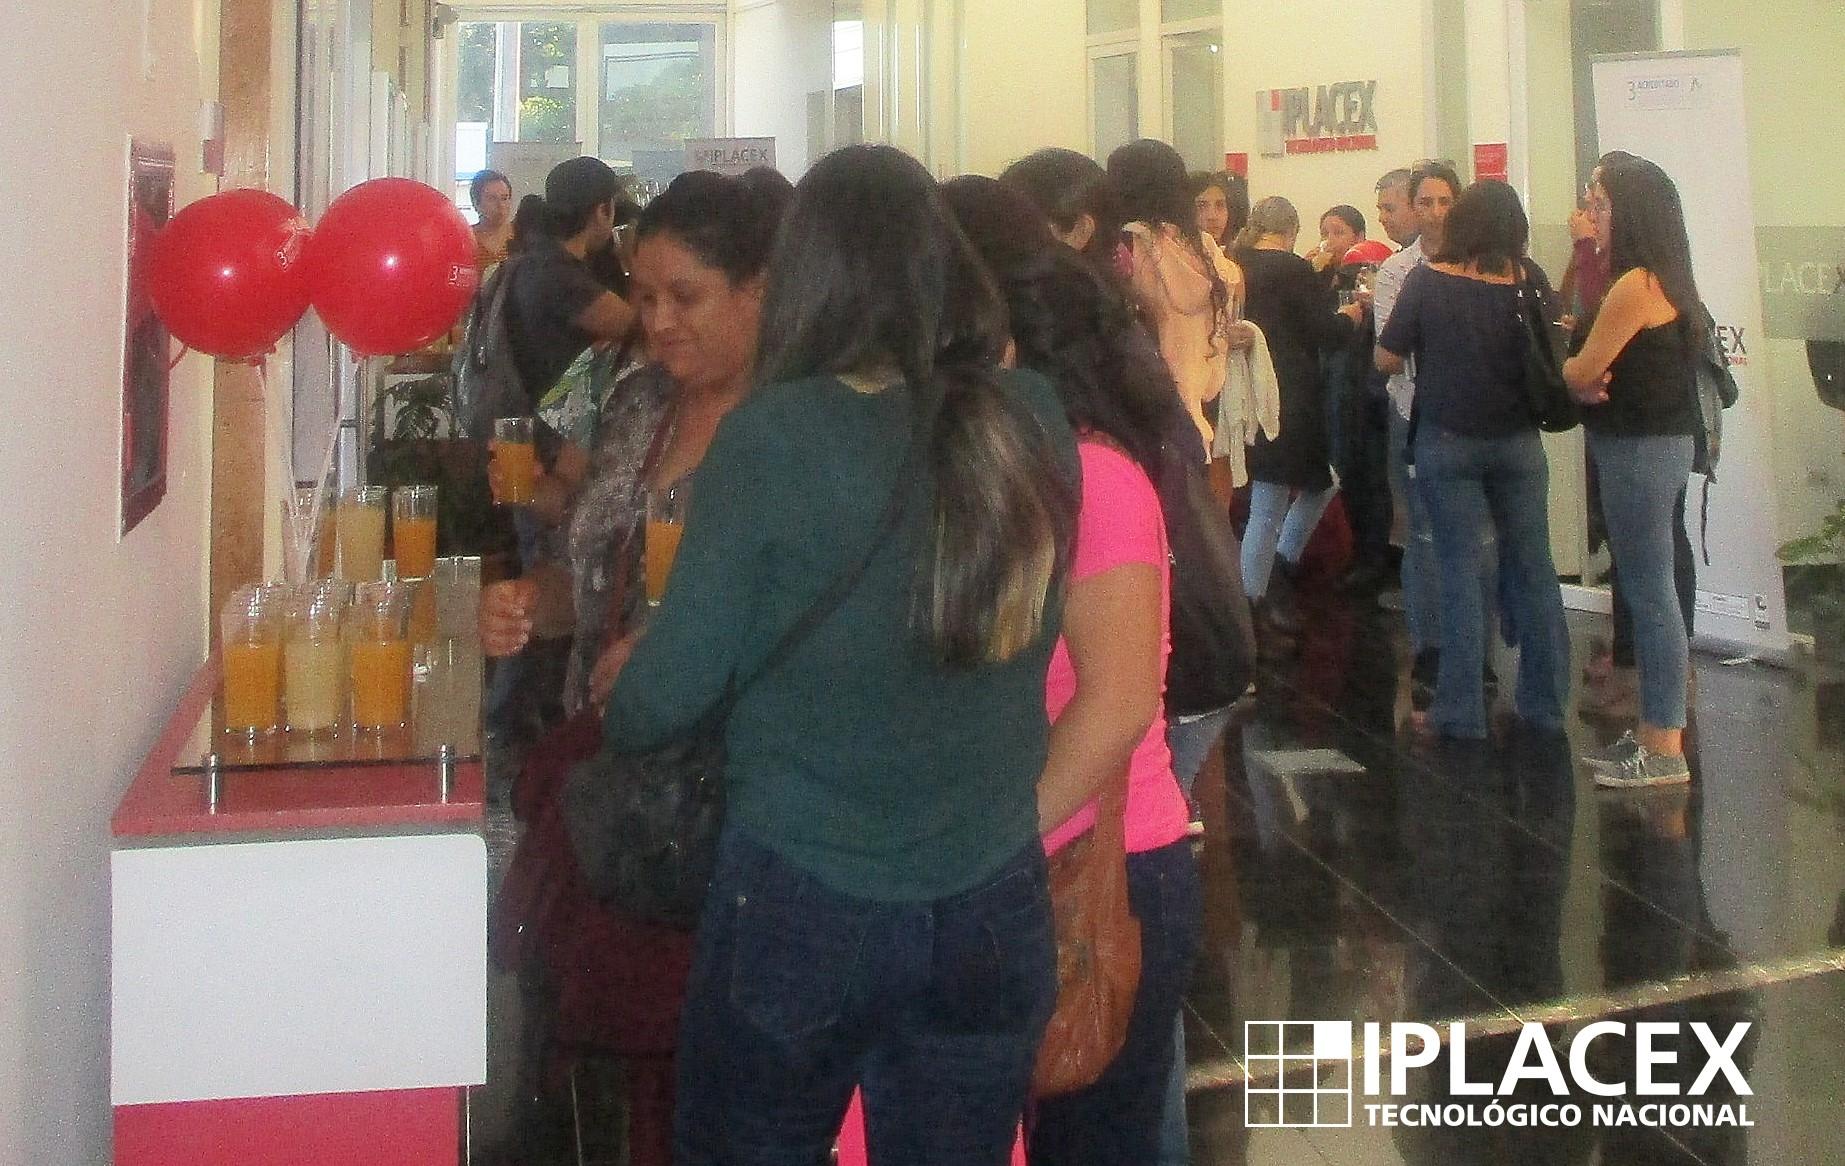 IPLACEX finaliza actividades de bienvenida al año académico 2018